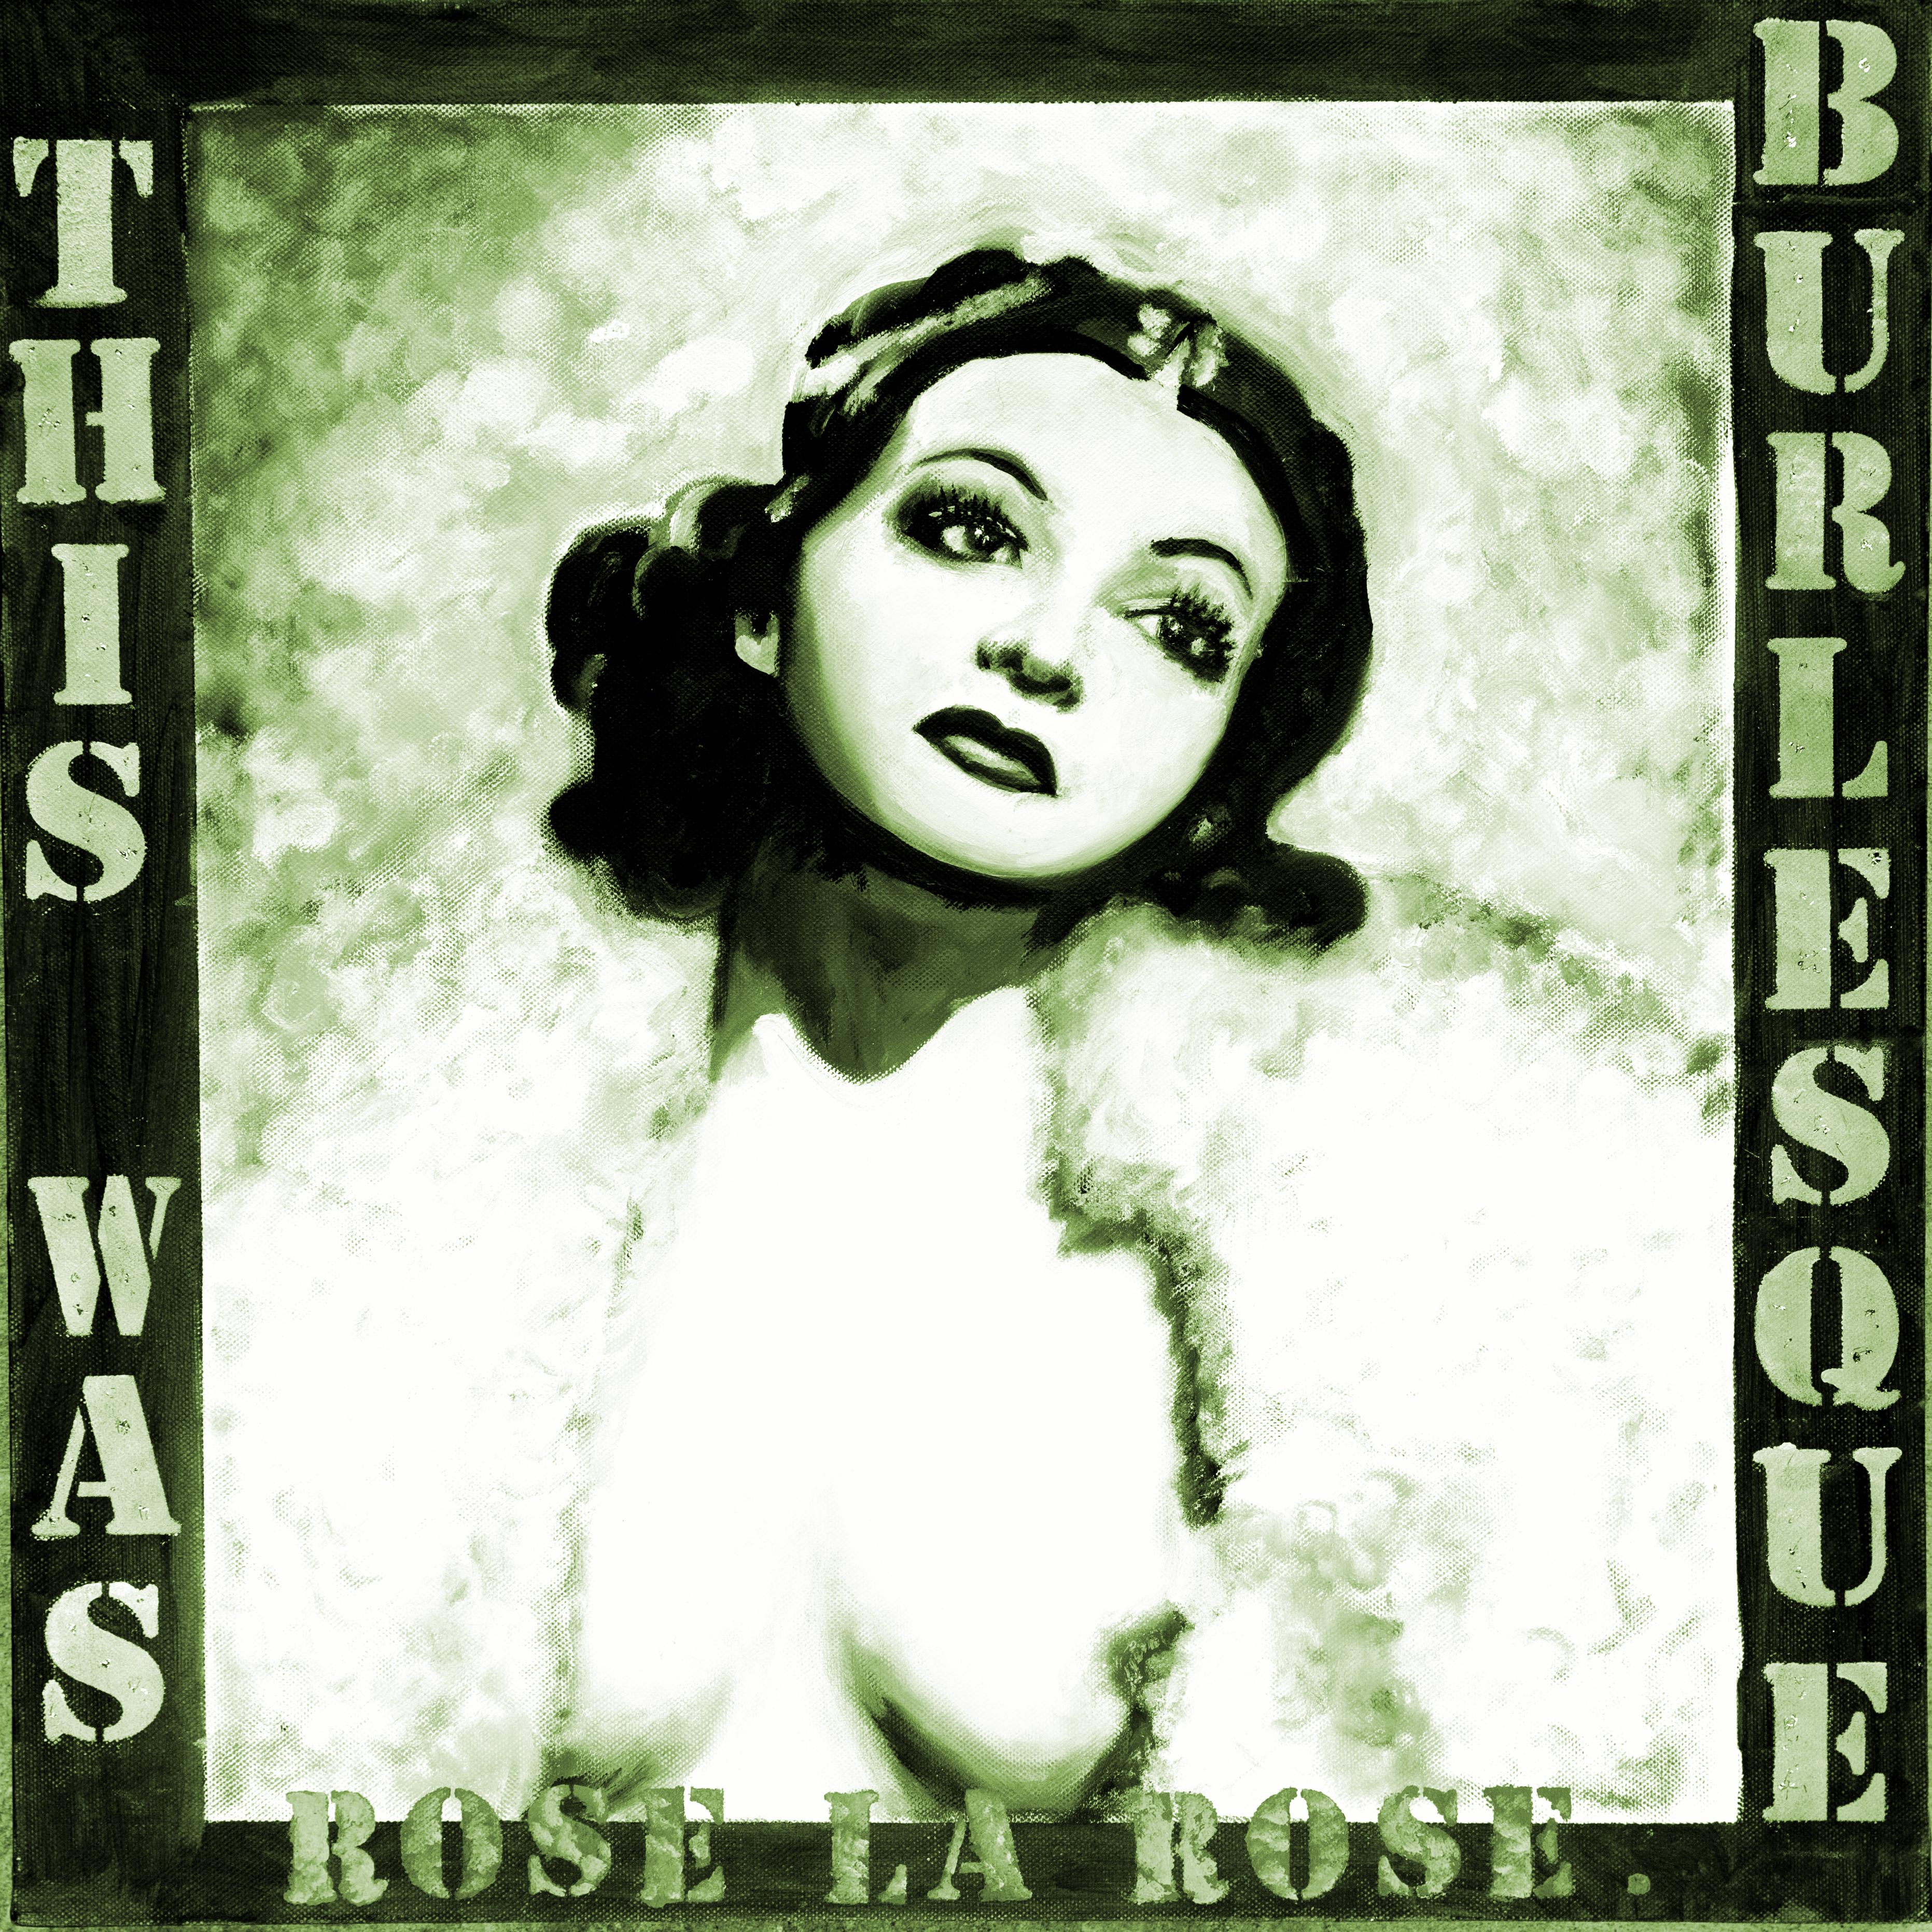 TWB: ROSE LA ROSE GREENWASH